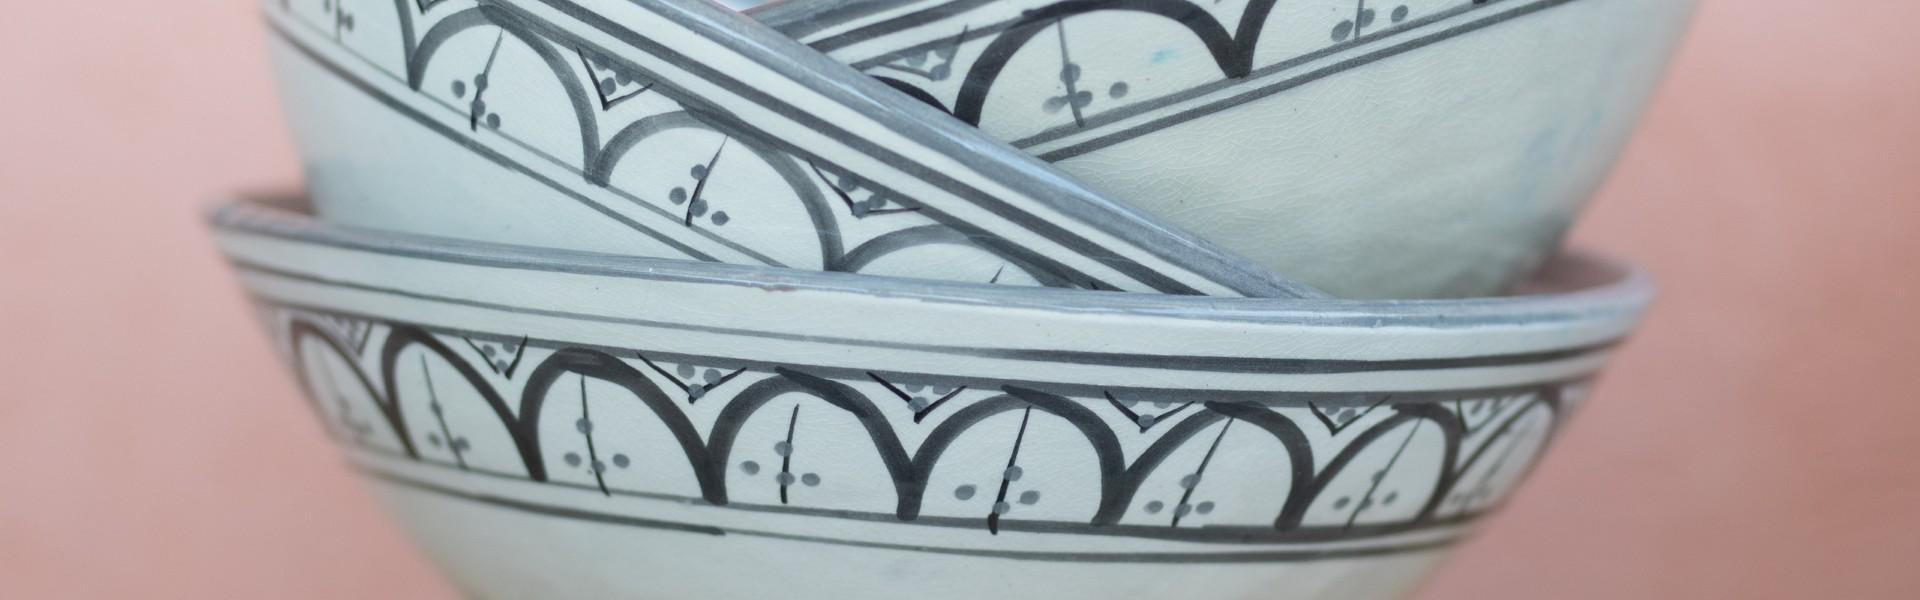 כלים אפור לבן - פנטזיה מרוקאית